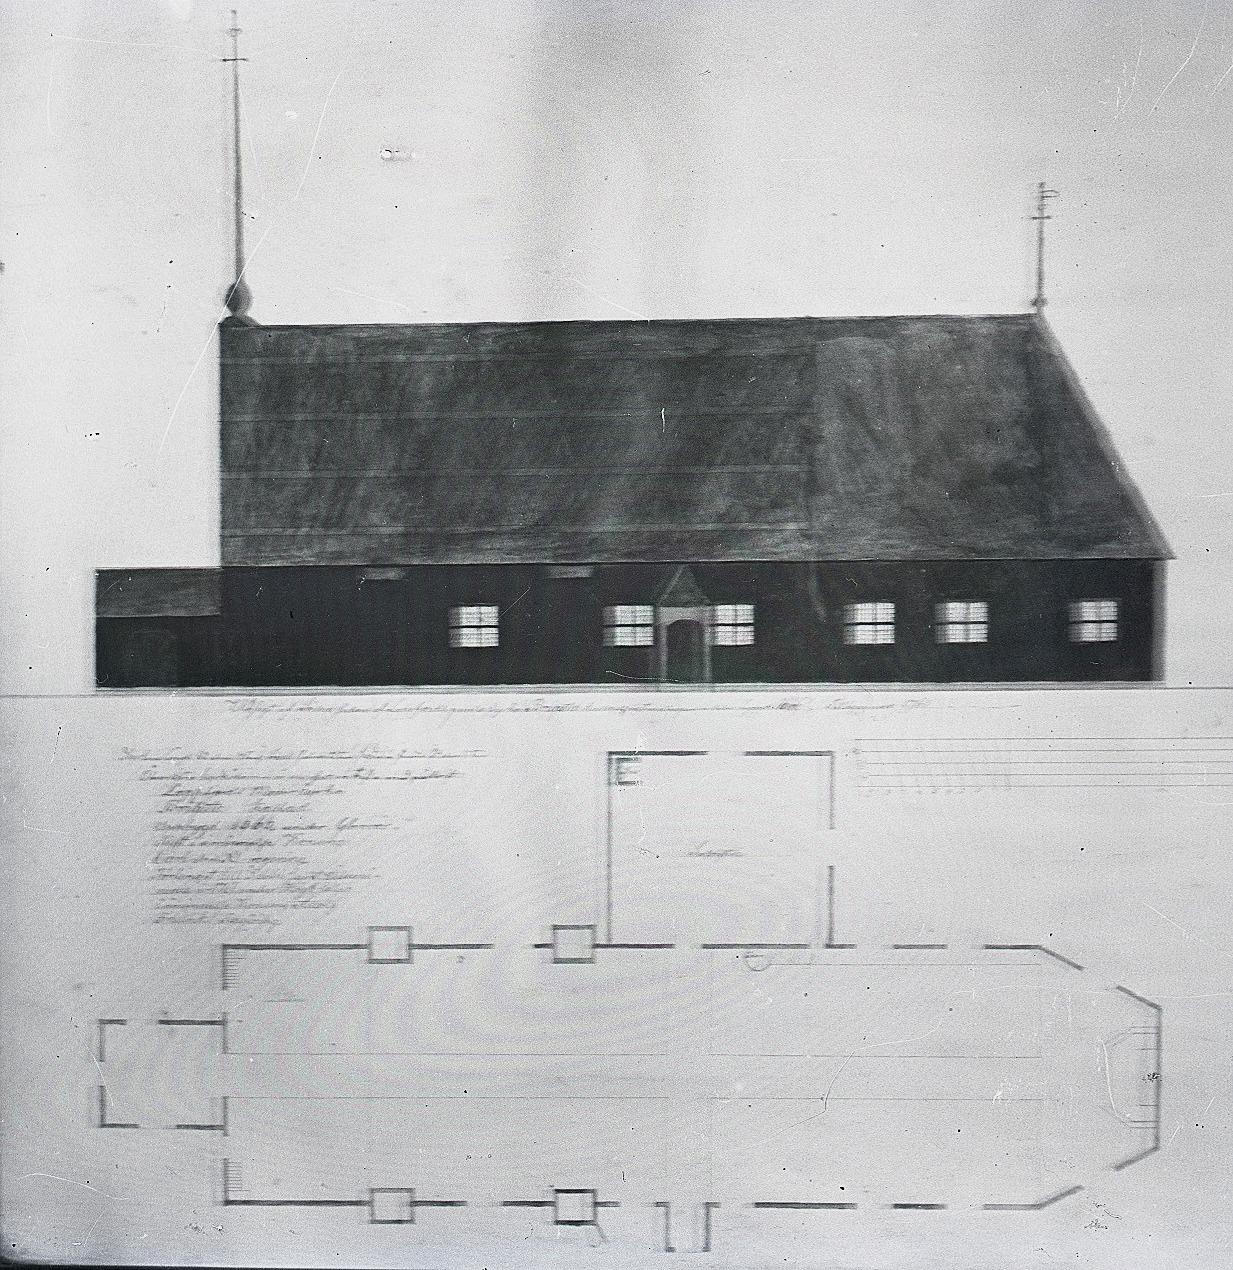 Den första delen av Birgitta kyrkan i Lappfjärds centrum byggdes år 1666, men den förstorades flera gånger. Den sista gudstjänsten hölls 1851 och efter det så revs själva kyrkan, medan själva klockstapel som var av nyare datum flyttades till den nya kyrkans plats, där den fortfarande står.